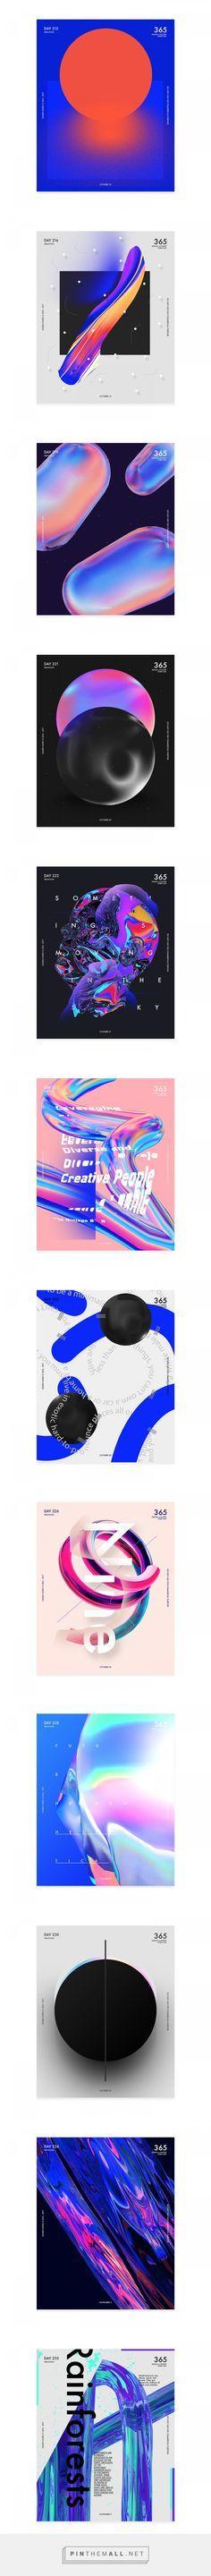 Baugasm Series - Pack 3 https://www.behance.net/gallery/45112219/Baugasm-Series-Pack-3 - created via https://pinthemall.net